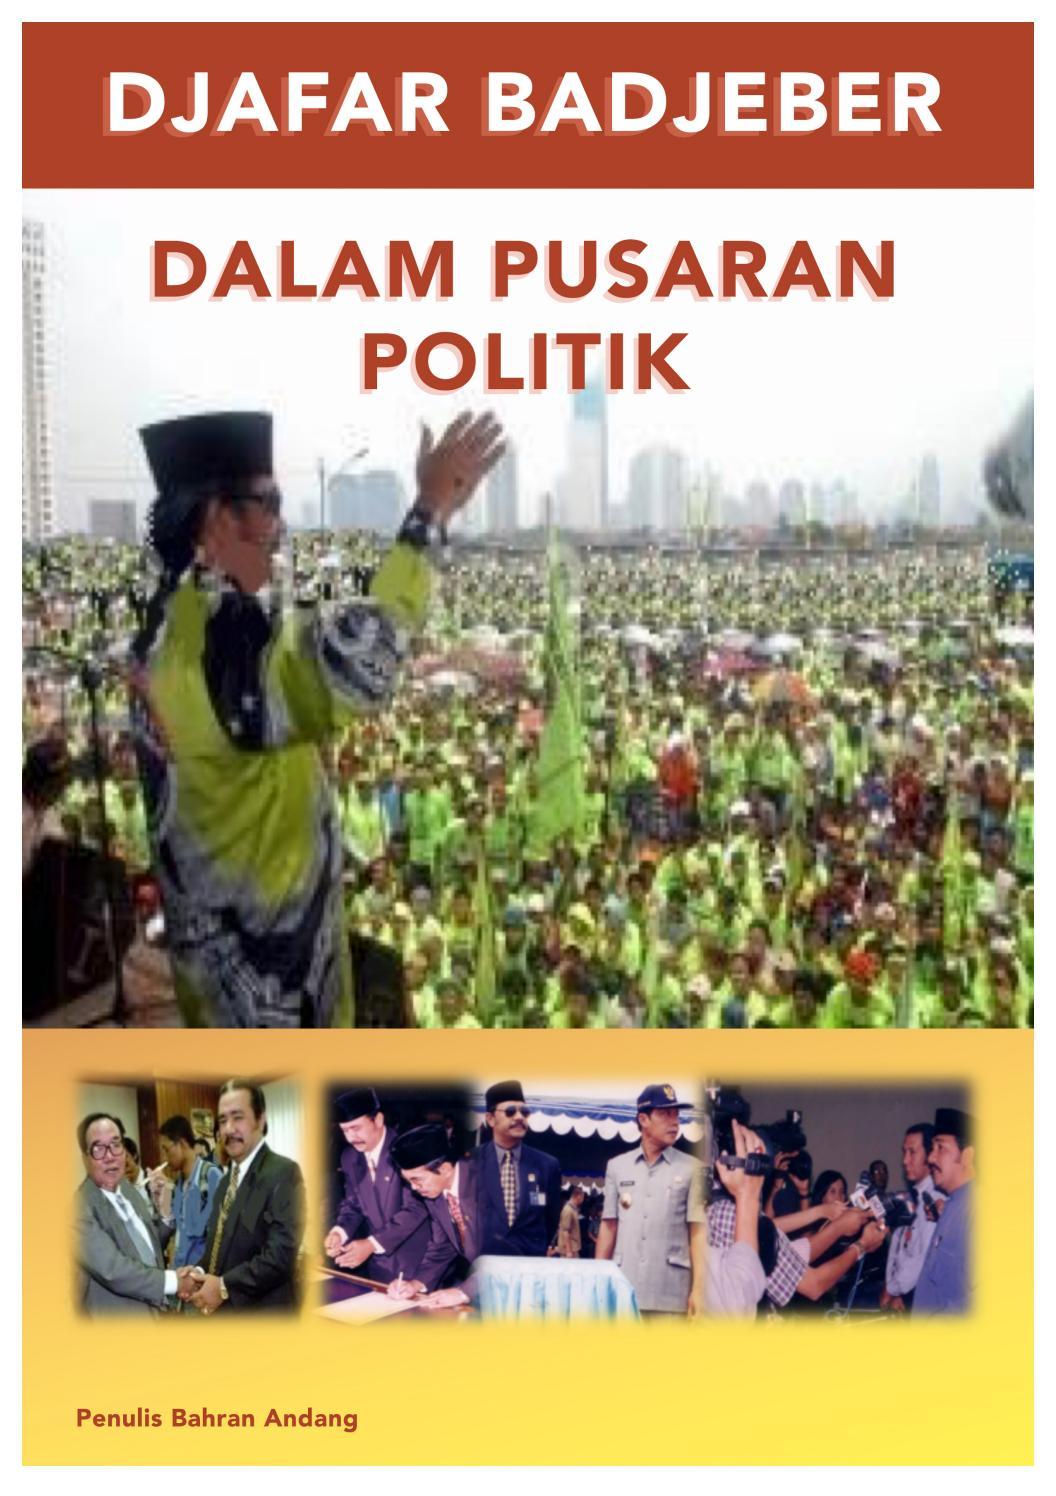 Djafar Badjeber Dalam Pusaran Politik By Djafarbadjeber Issuu Peci Beringin Jaya Pad